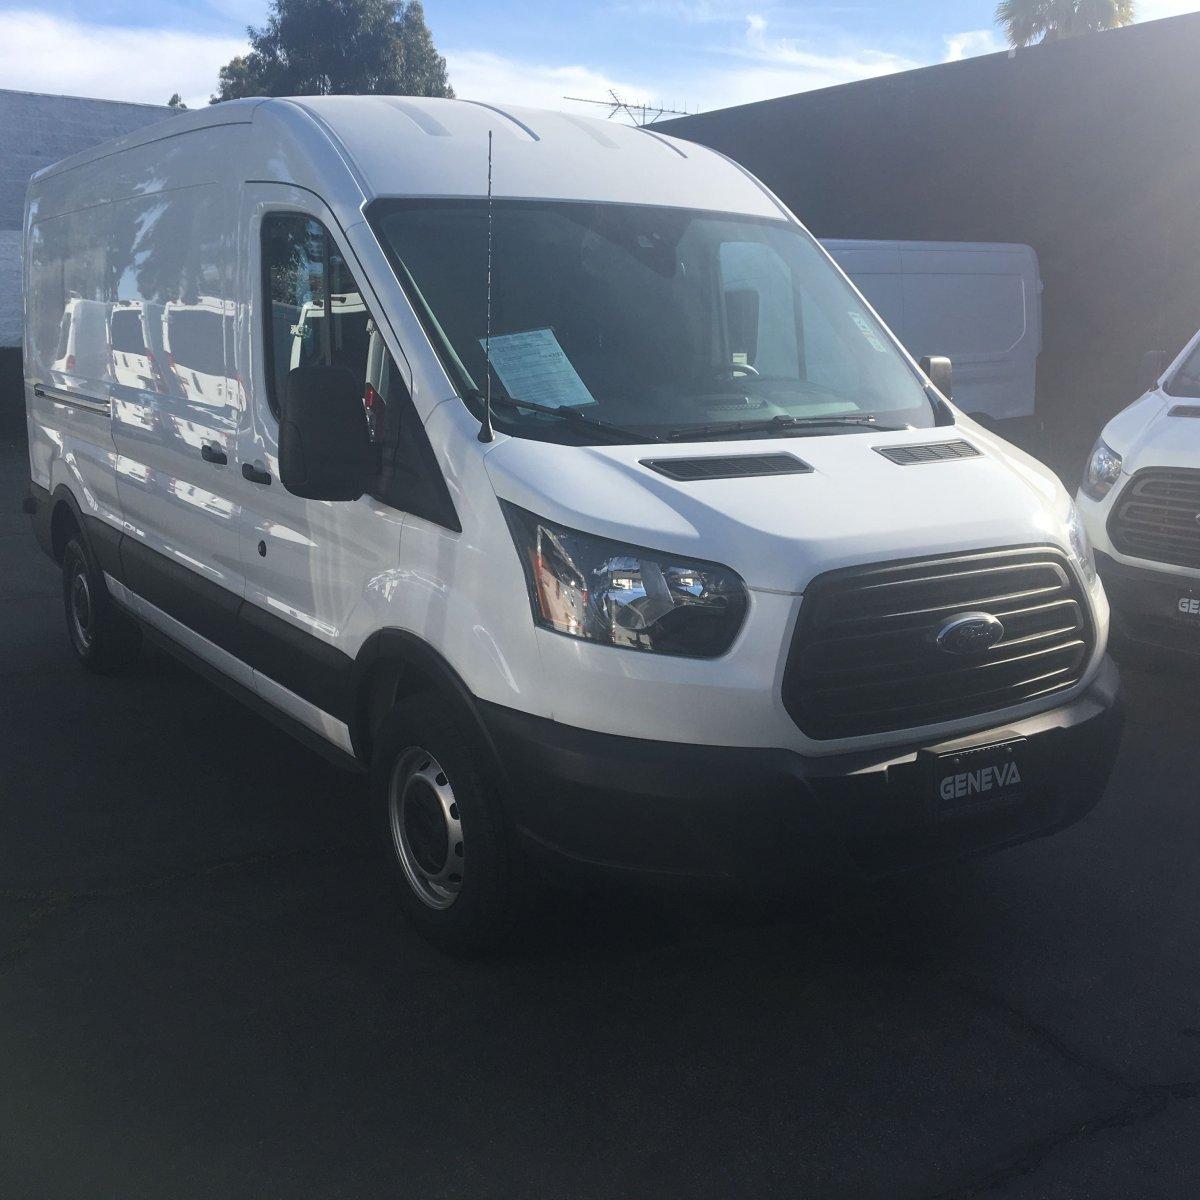 2018 Ford Transit 250 Van Camshaft: Used 2018 Ford Transit 250 Van In Montclair, CA VIN